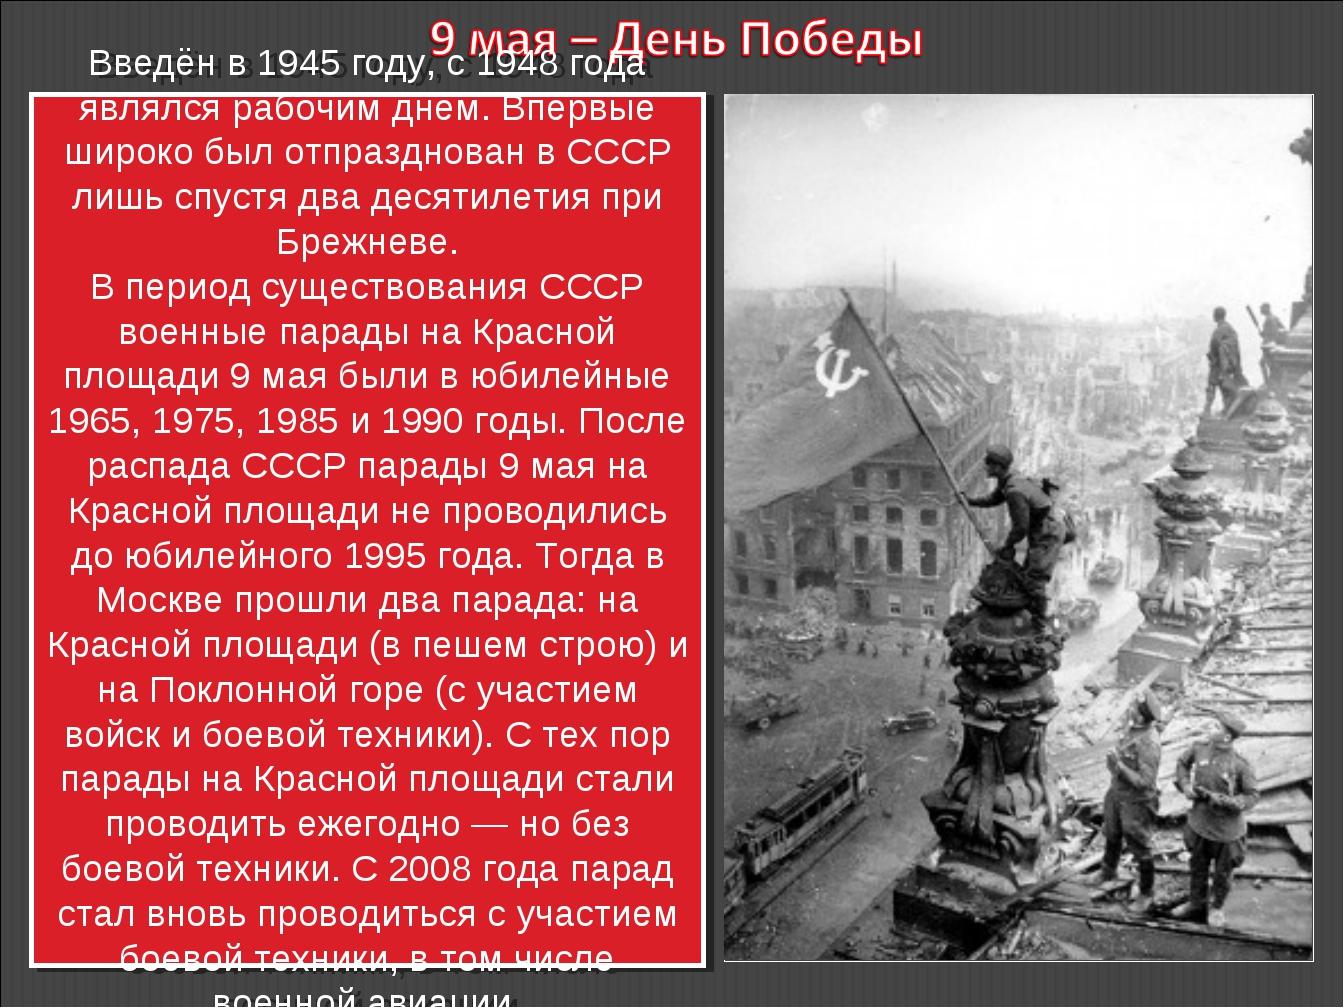 Введён в 1945 году, с 1948 года являлся рабочим днём. Впервые широко был отпр...